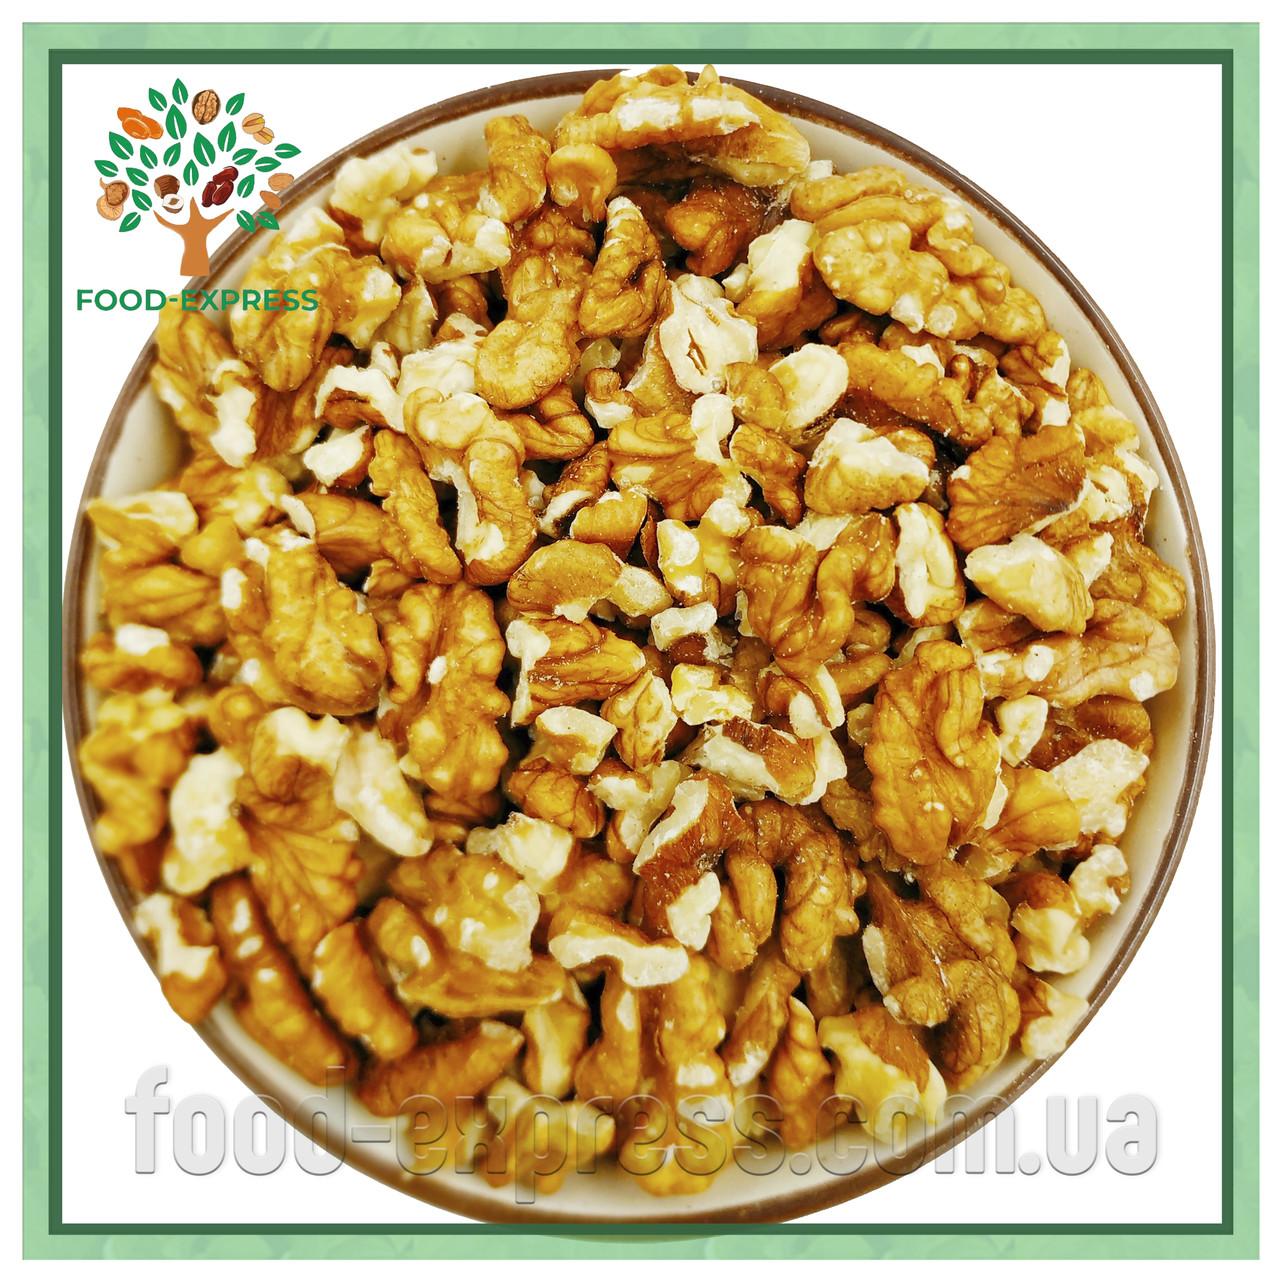 Грецкий орех микс очищенный 1кг, четвертинка и половинка